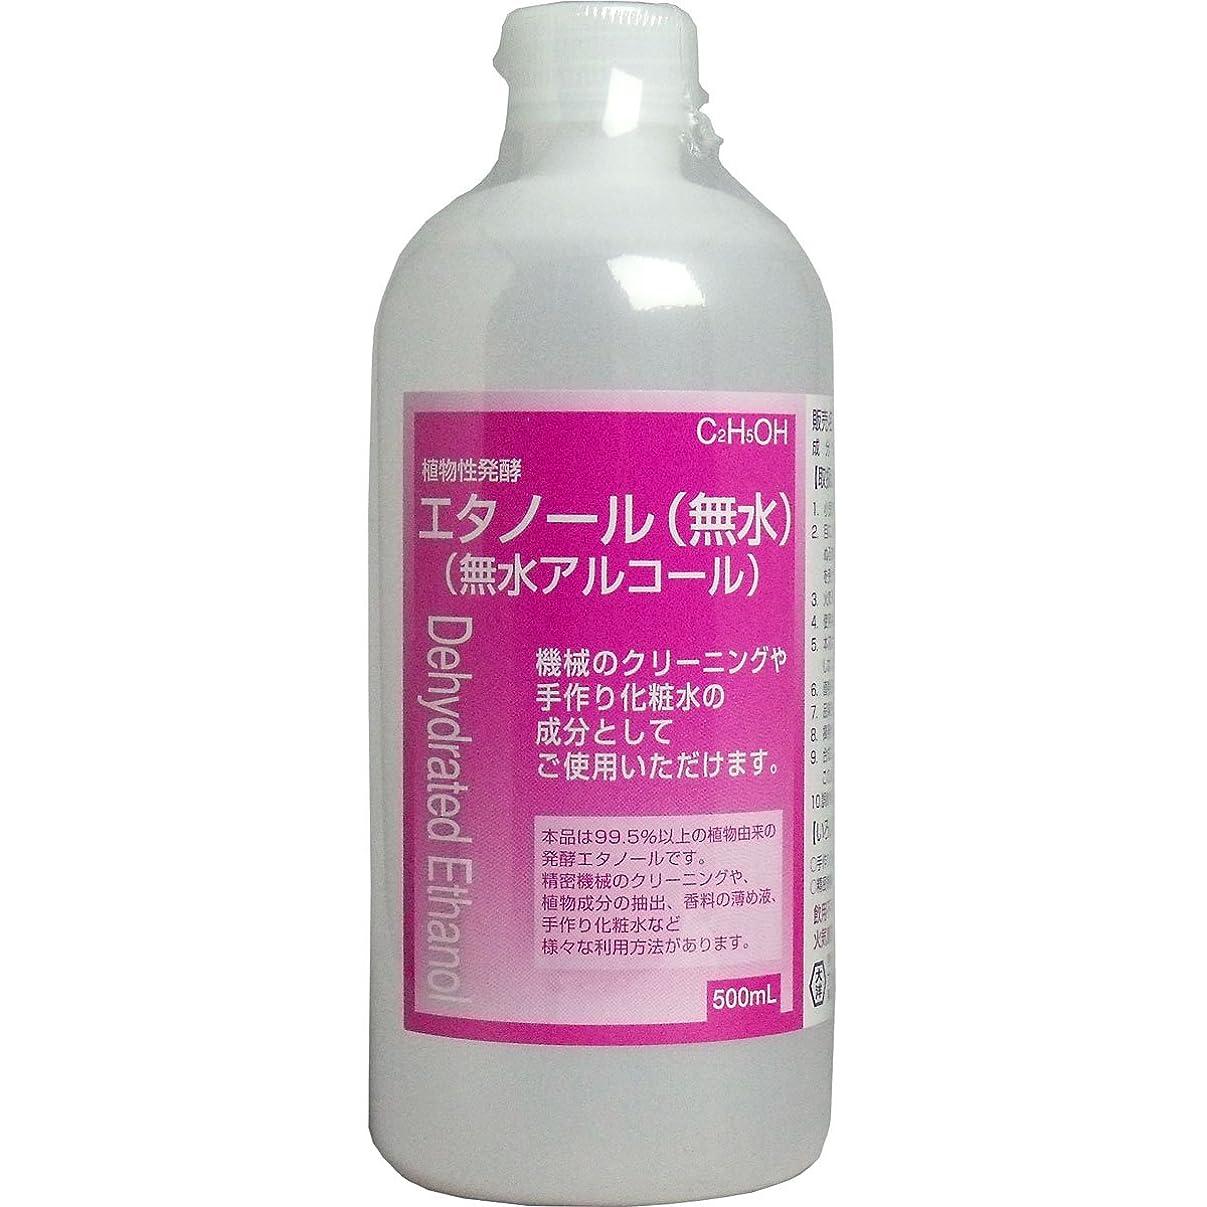 お嬢暴徒エイリアン手作り化粧水に 植物性発酵エタノール(無水エタノール) 500mL